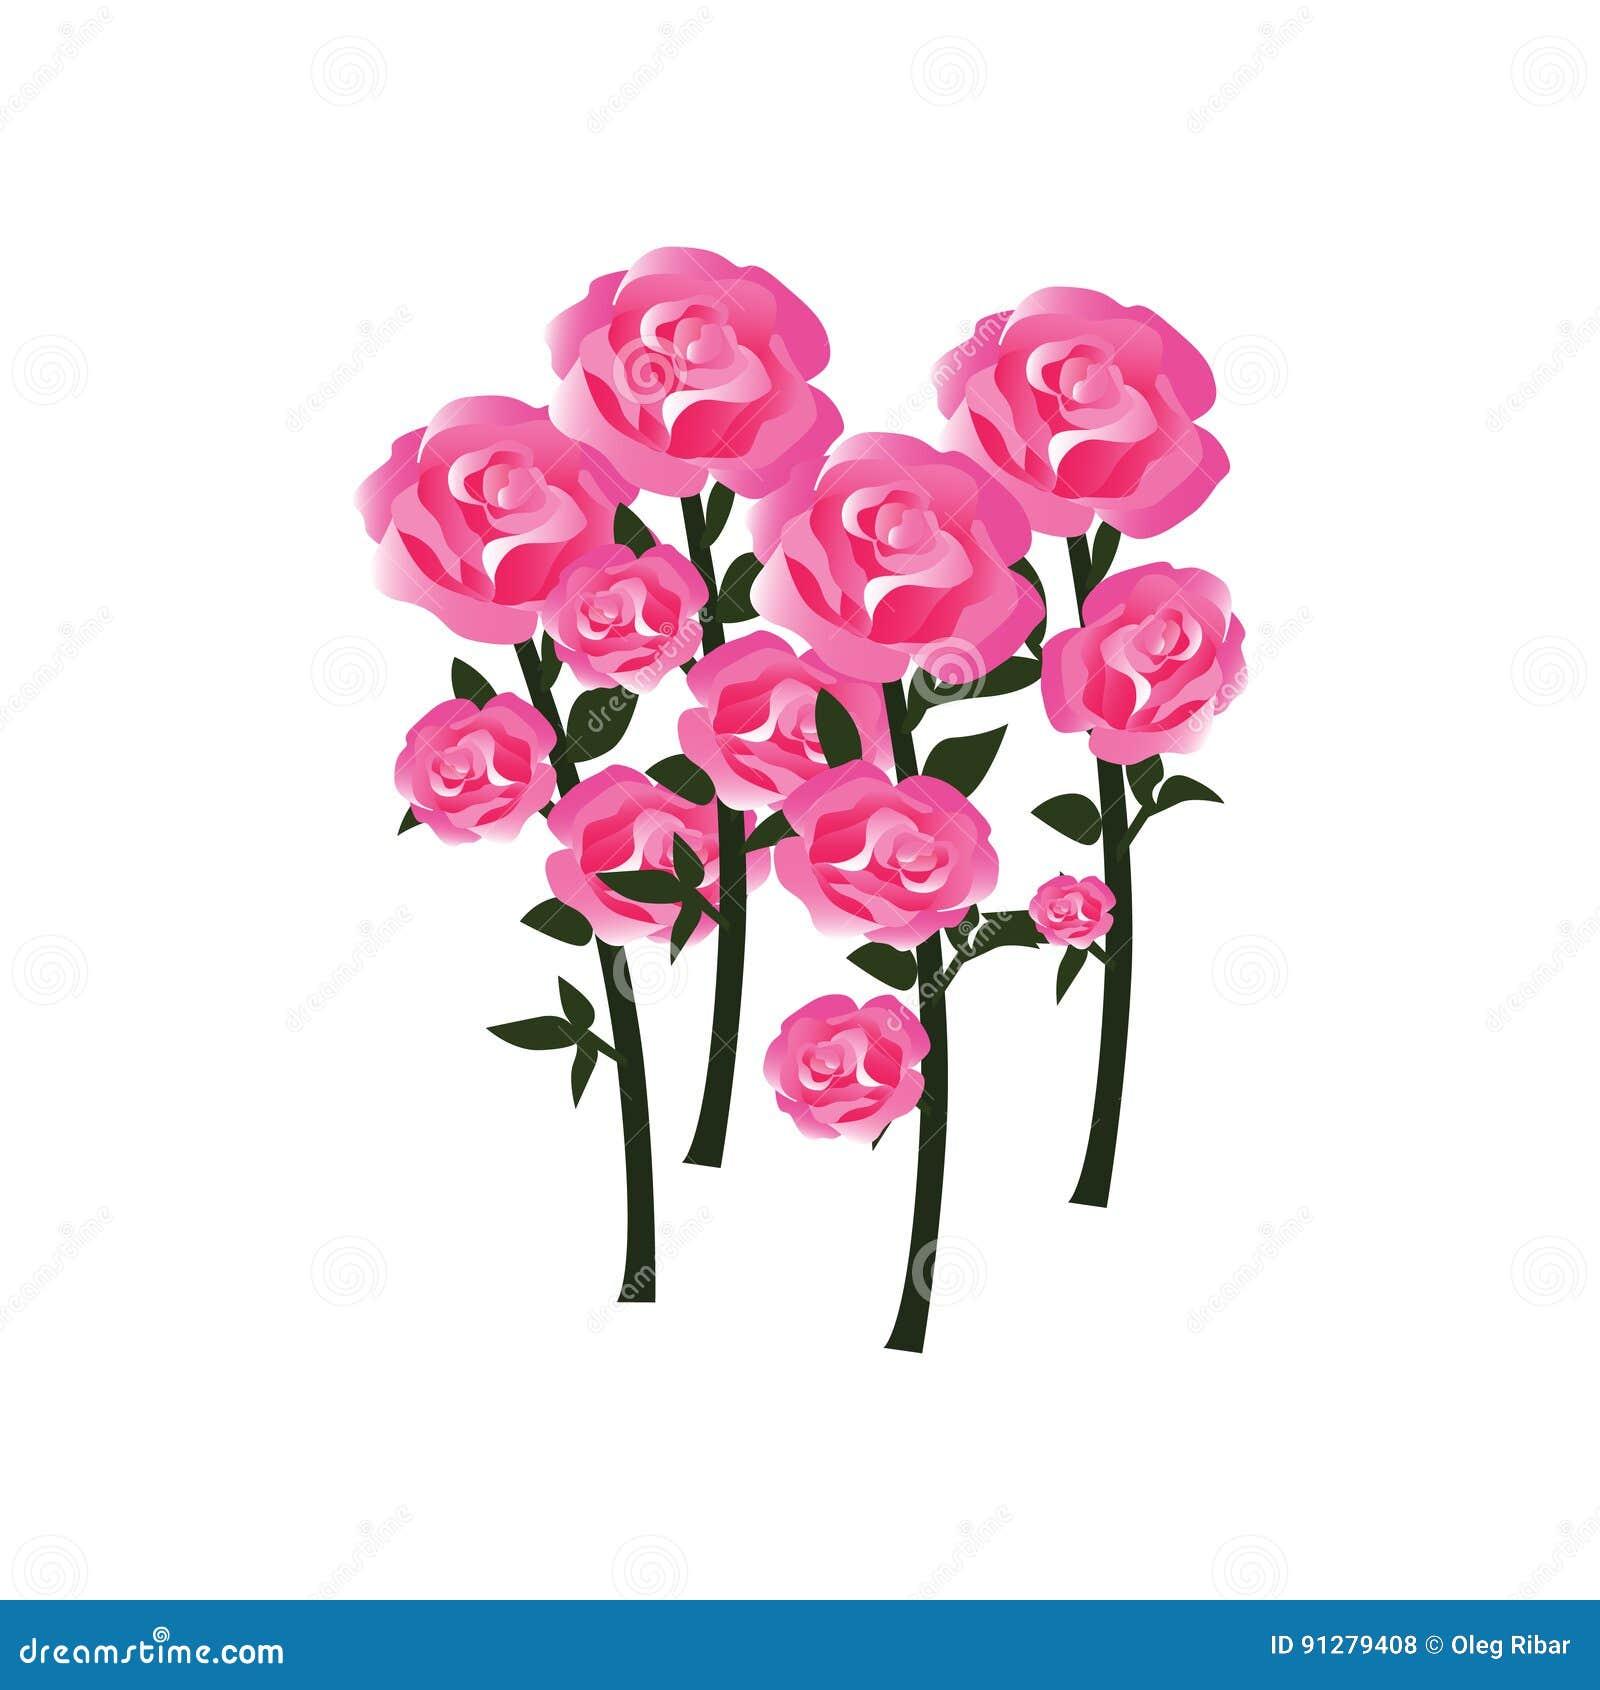 Mjuka Rose Blossoms med stammar som fullständigt framkallade blommor - i allsidiga toner av rött, rosa färger och vit